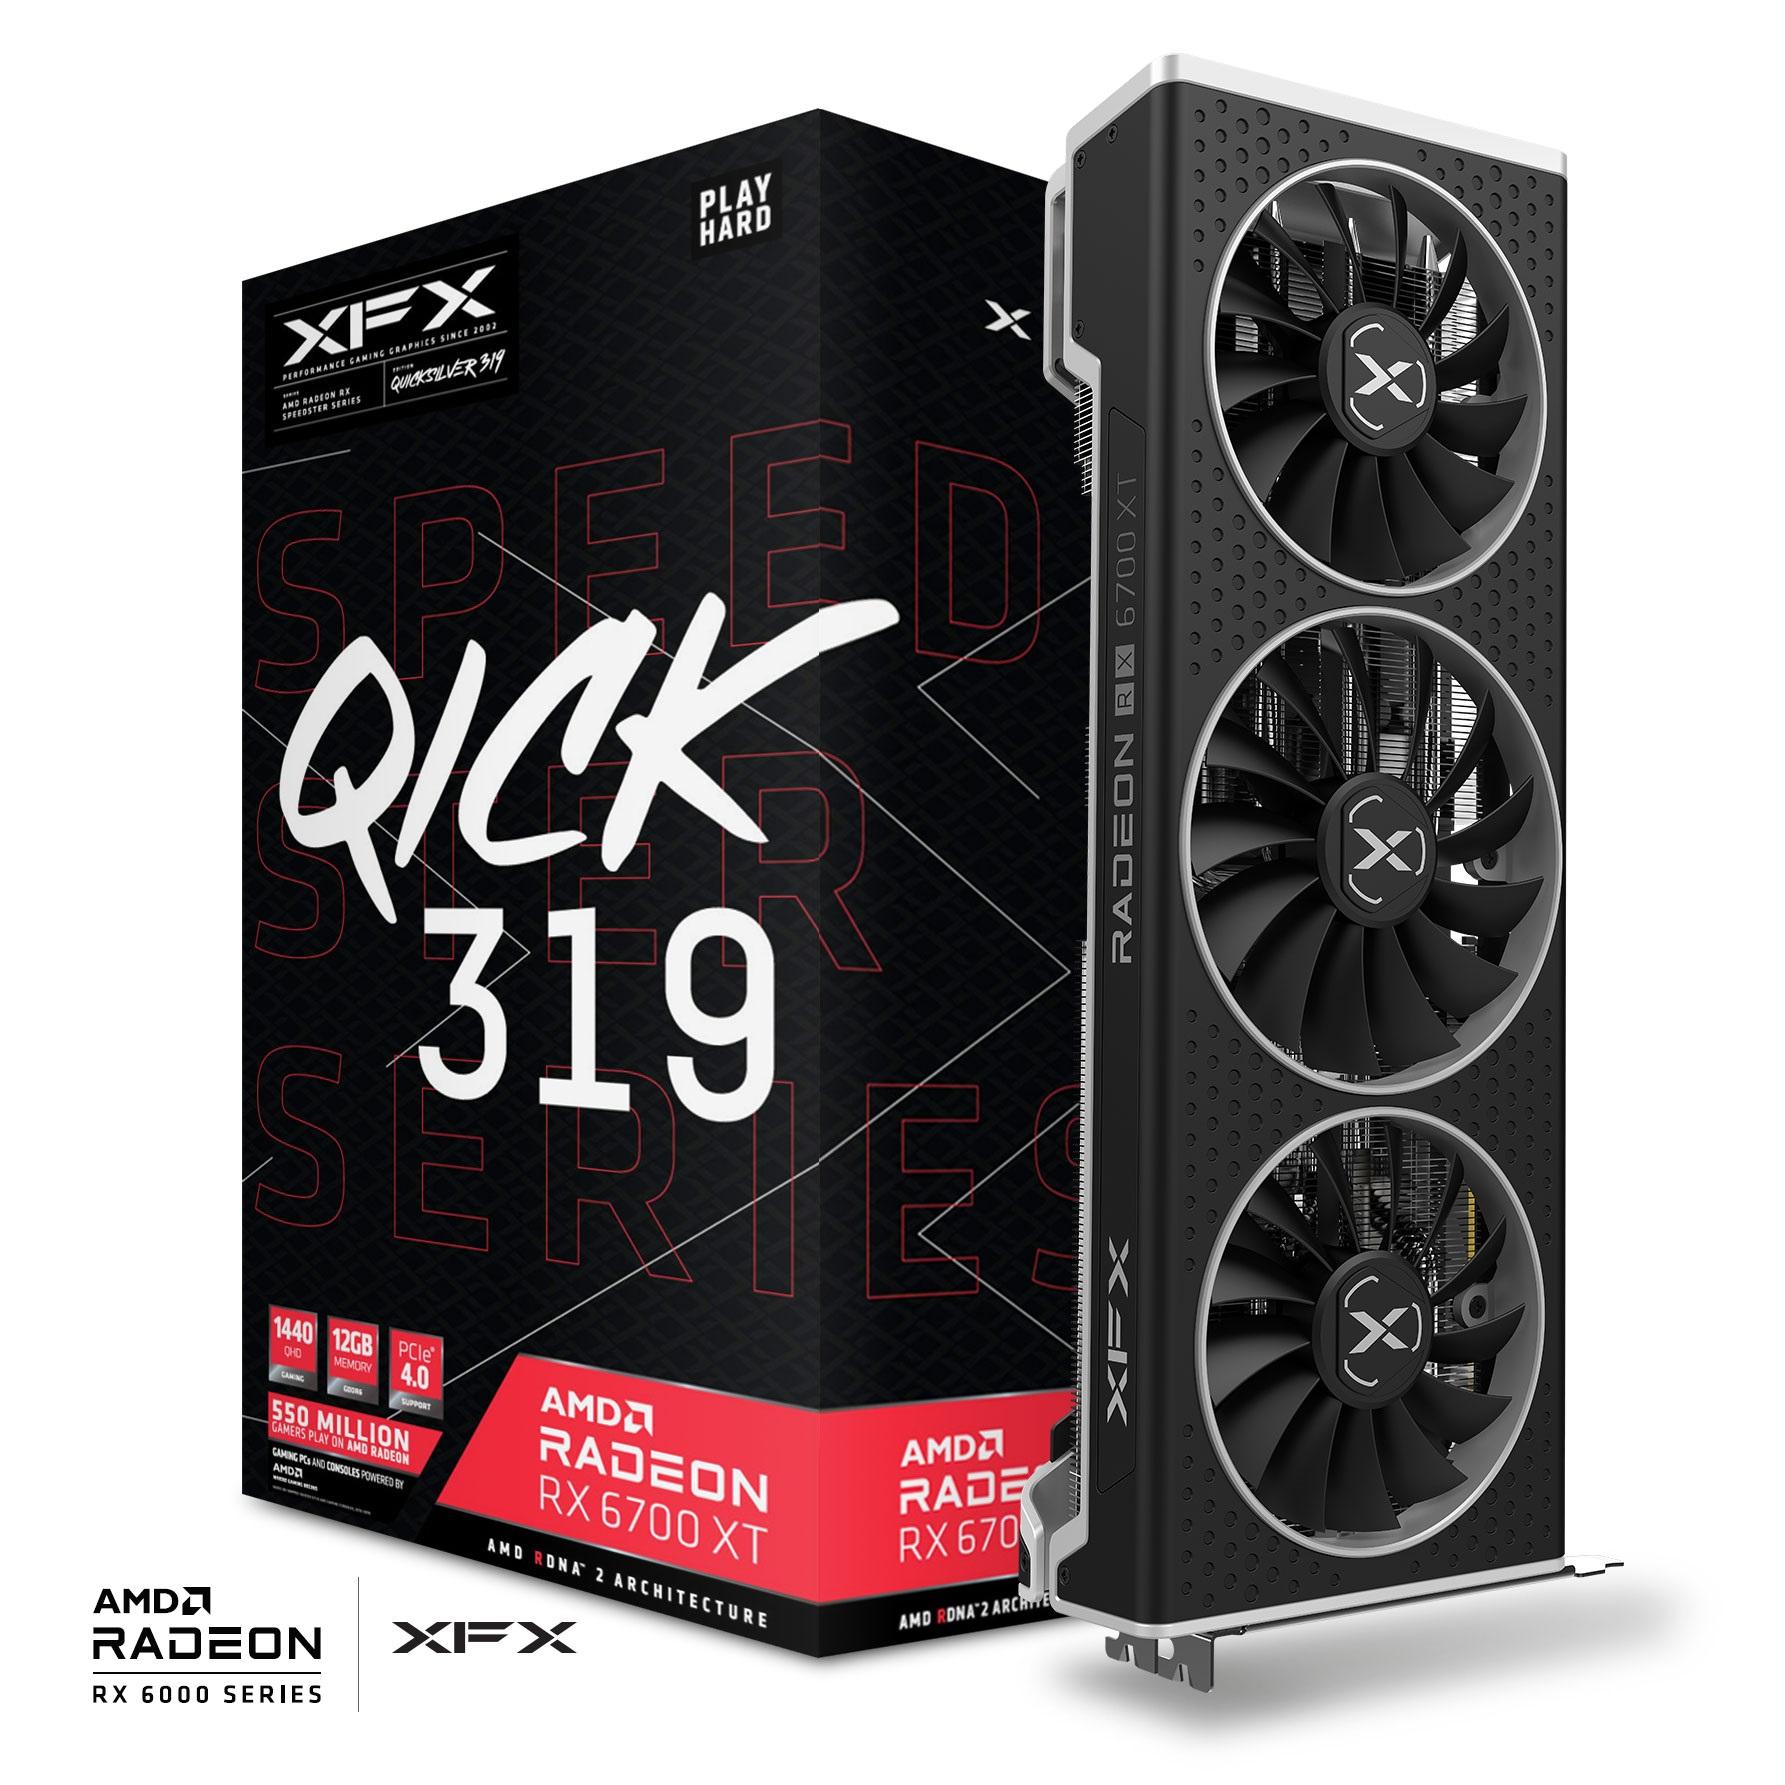 XFX RX-67XTYPBDP RX6700XT QICK319 / SPEEDSTER 12GB GDDR6 192Bit 3xDP/1xHDMI PCI-E 4.0